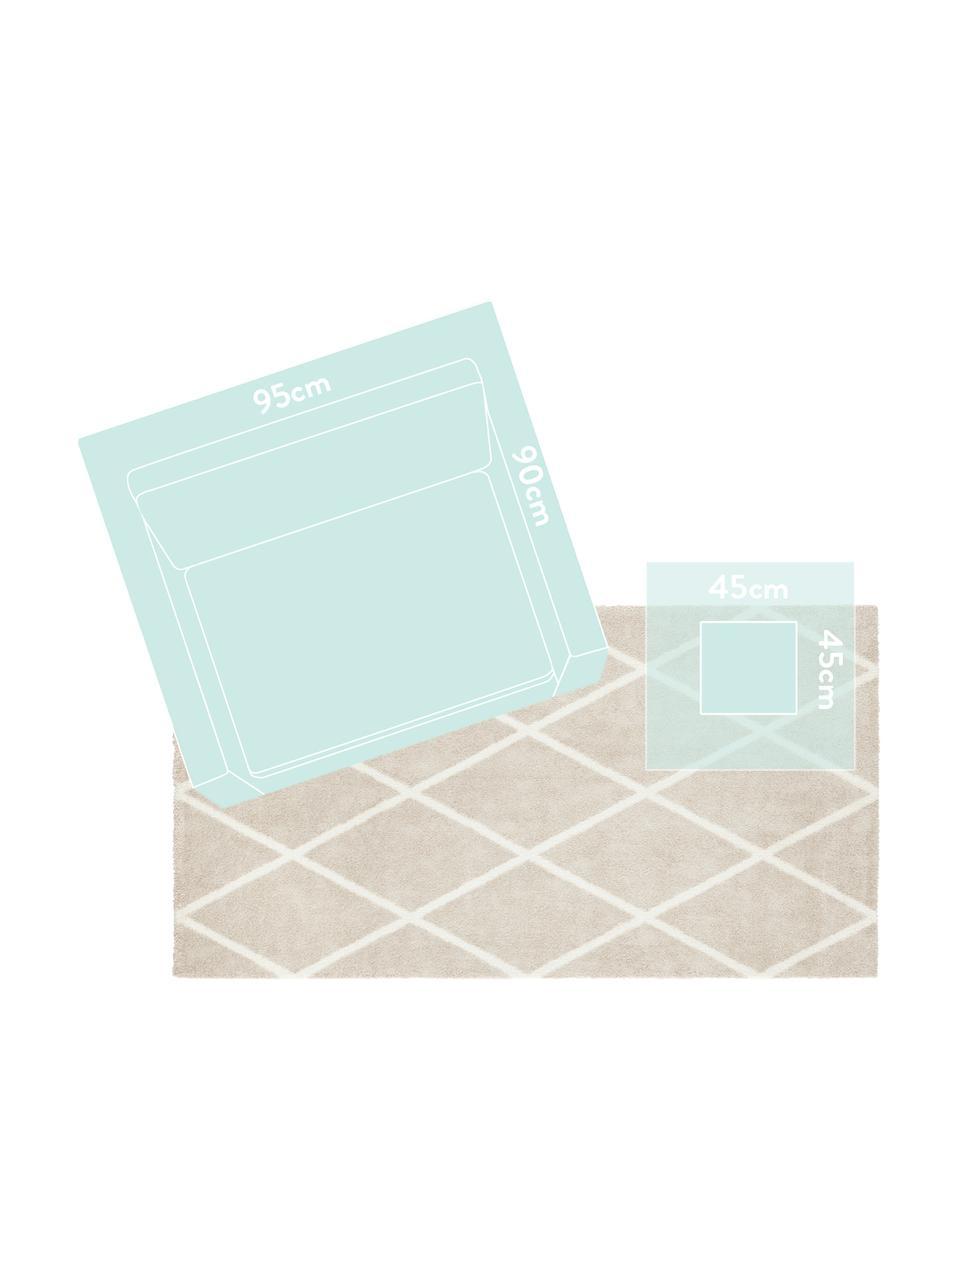 Teppich Lunel mit Rautenmuster, Flor: 85%Polypropylen, 15%Pol, Beige, Cremefarben, B 200 x L 290 cm (Größe L)